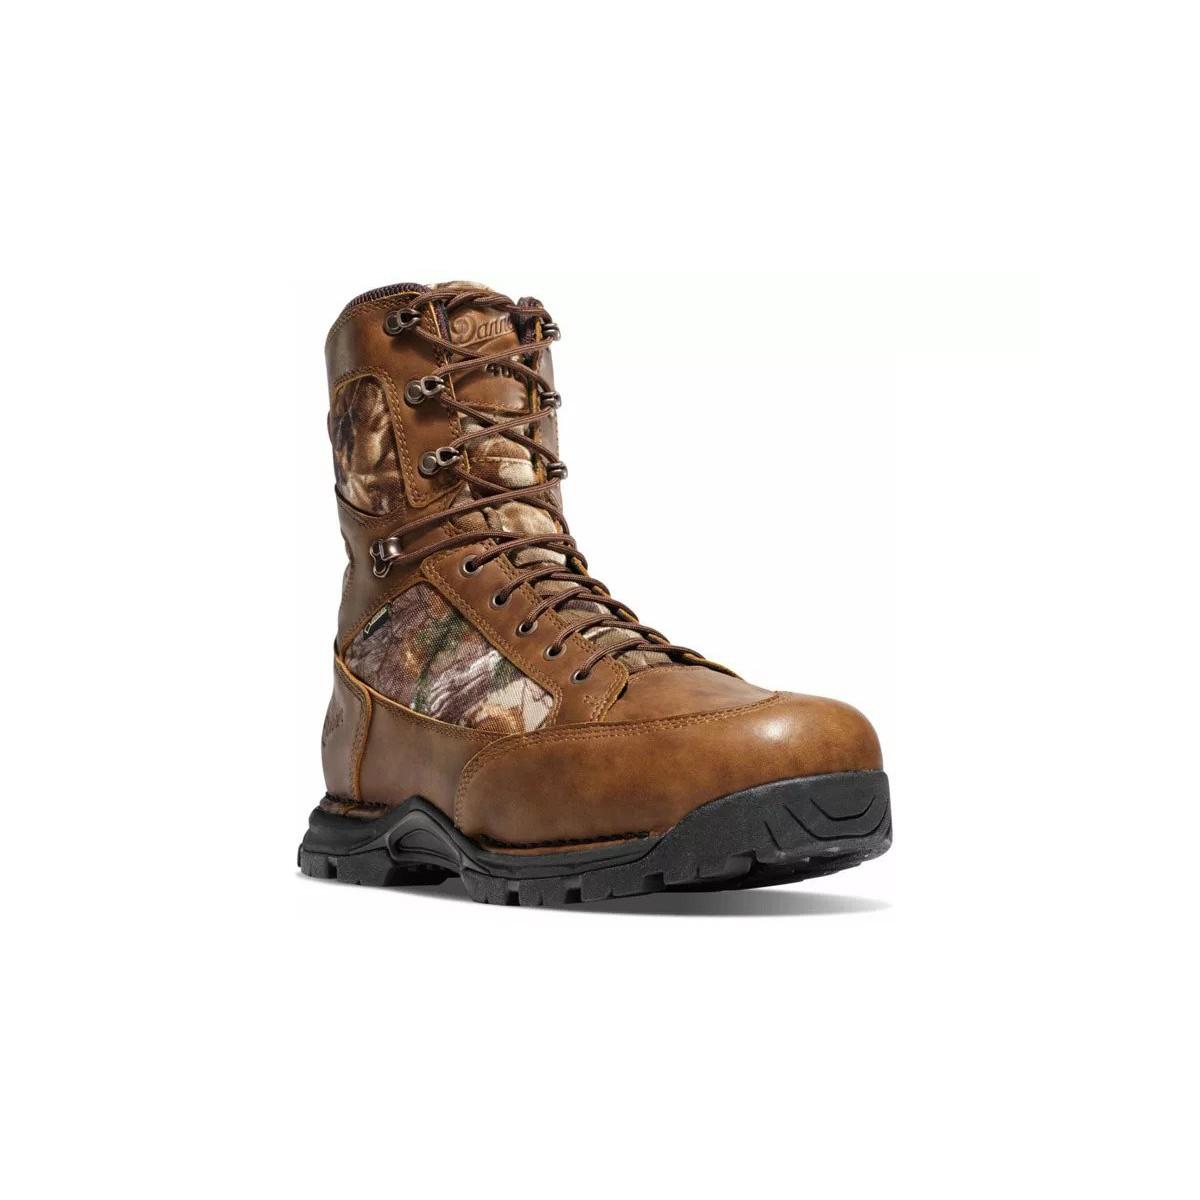 4026e7e8d8a Men's Danner Pronghorn 400g Boot | SCHEELS.com